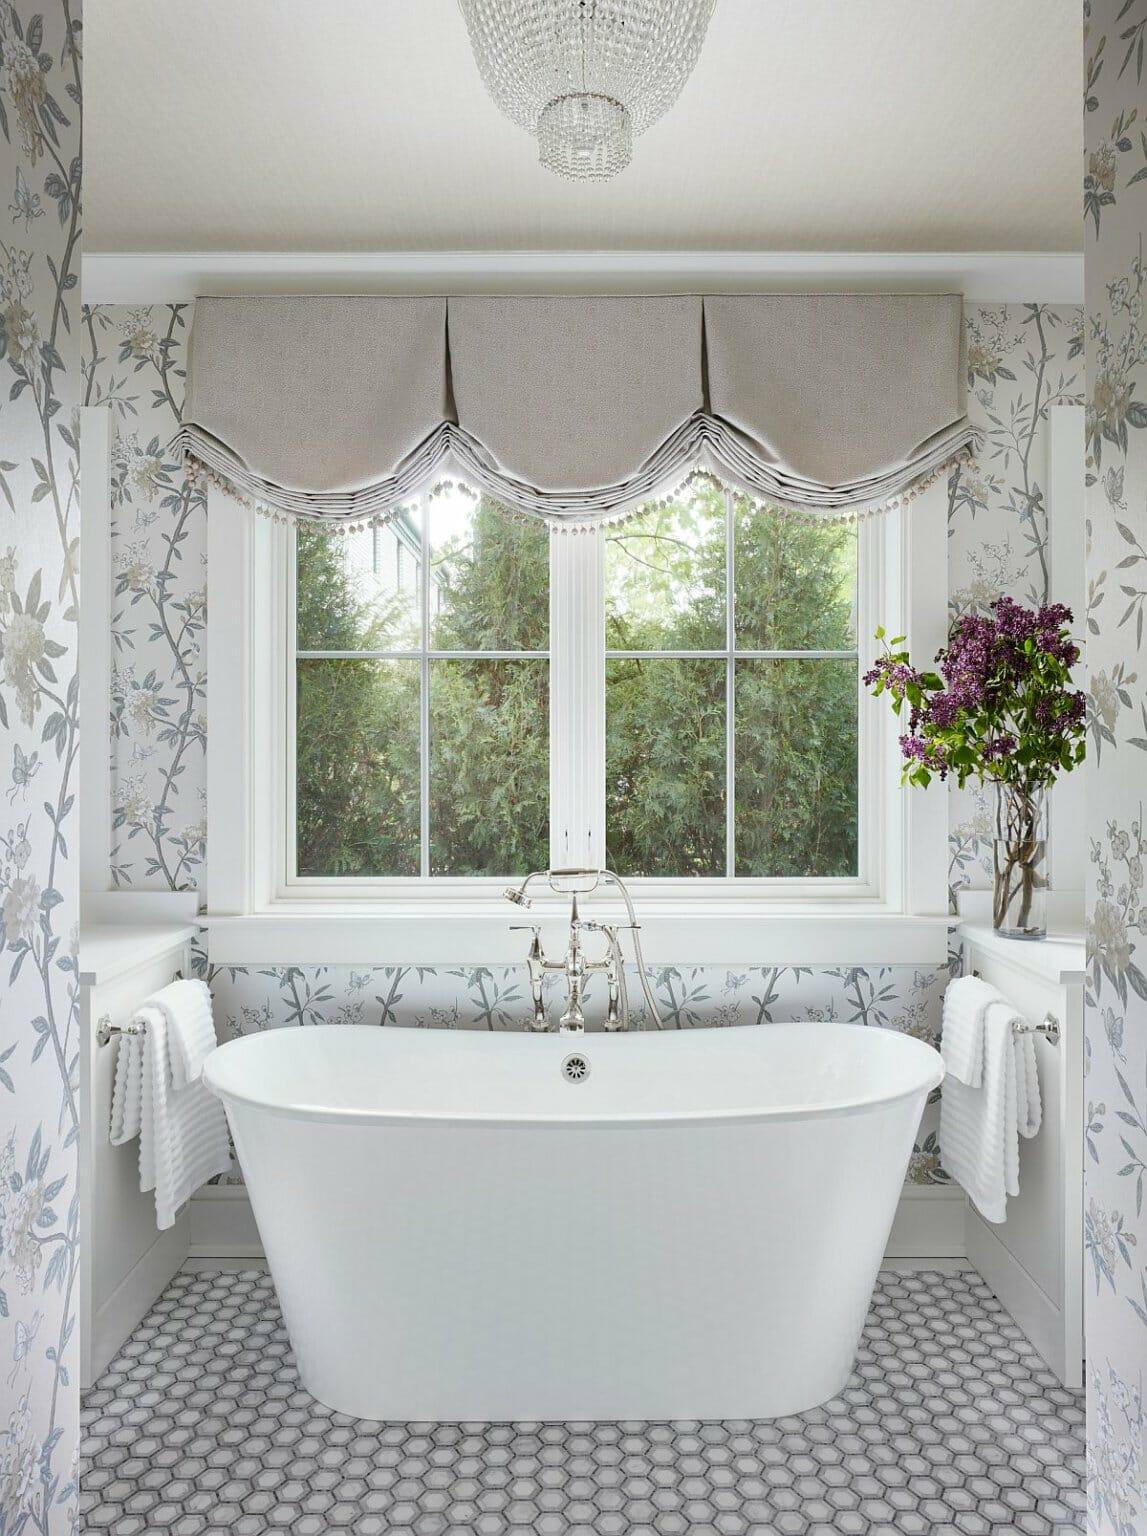 hình ảnh phòng tắm kiểu spa sang trọng với bồn tắm lớn, đèn chùm pha lê, giấy dán tường họa tiết hoa lá mềm mại